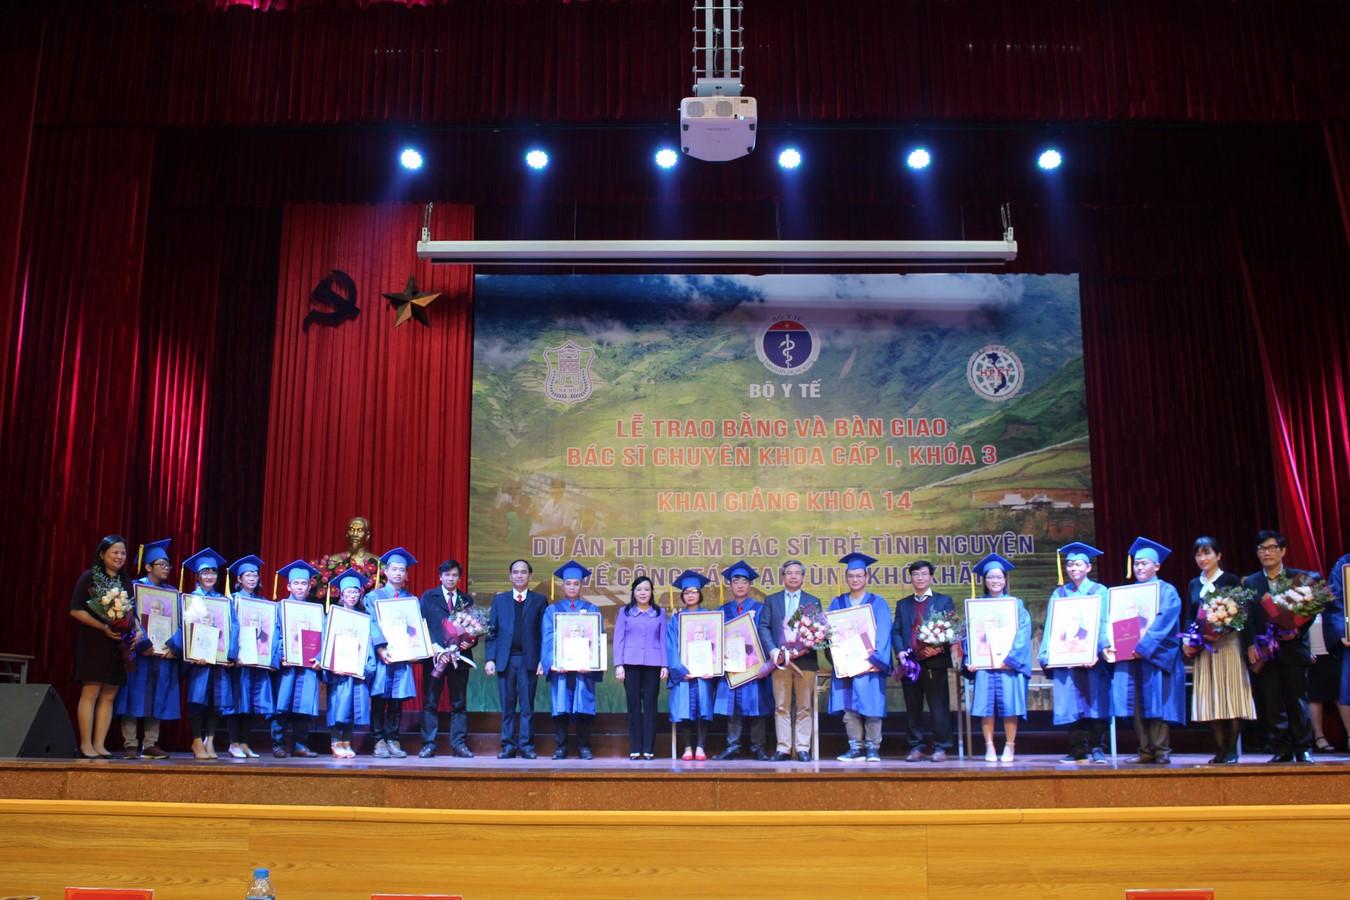 Bộ Y tế bàn giao 14 bác sĩ trẻ tình nguyện về công tác tại các huyện nghèo